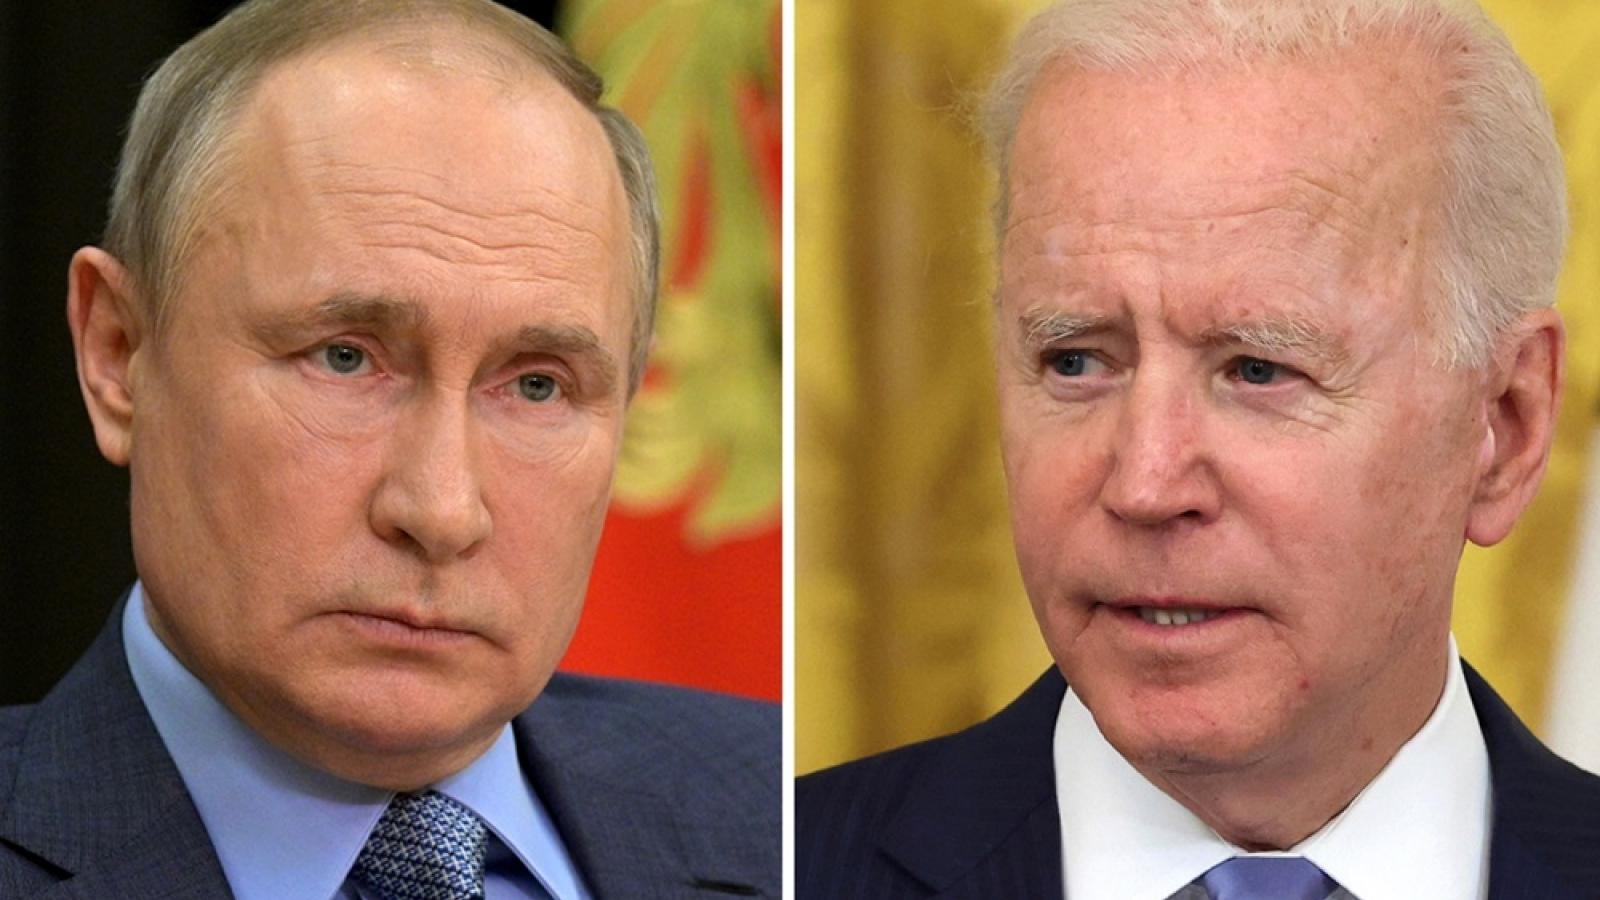 Điện Kremlin chính thức thông báo về cuộc gặp giữa Tổng thống Putin và Tổng thống Biden